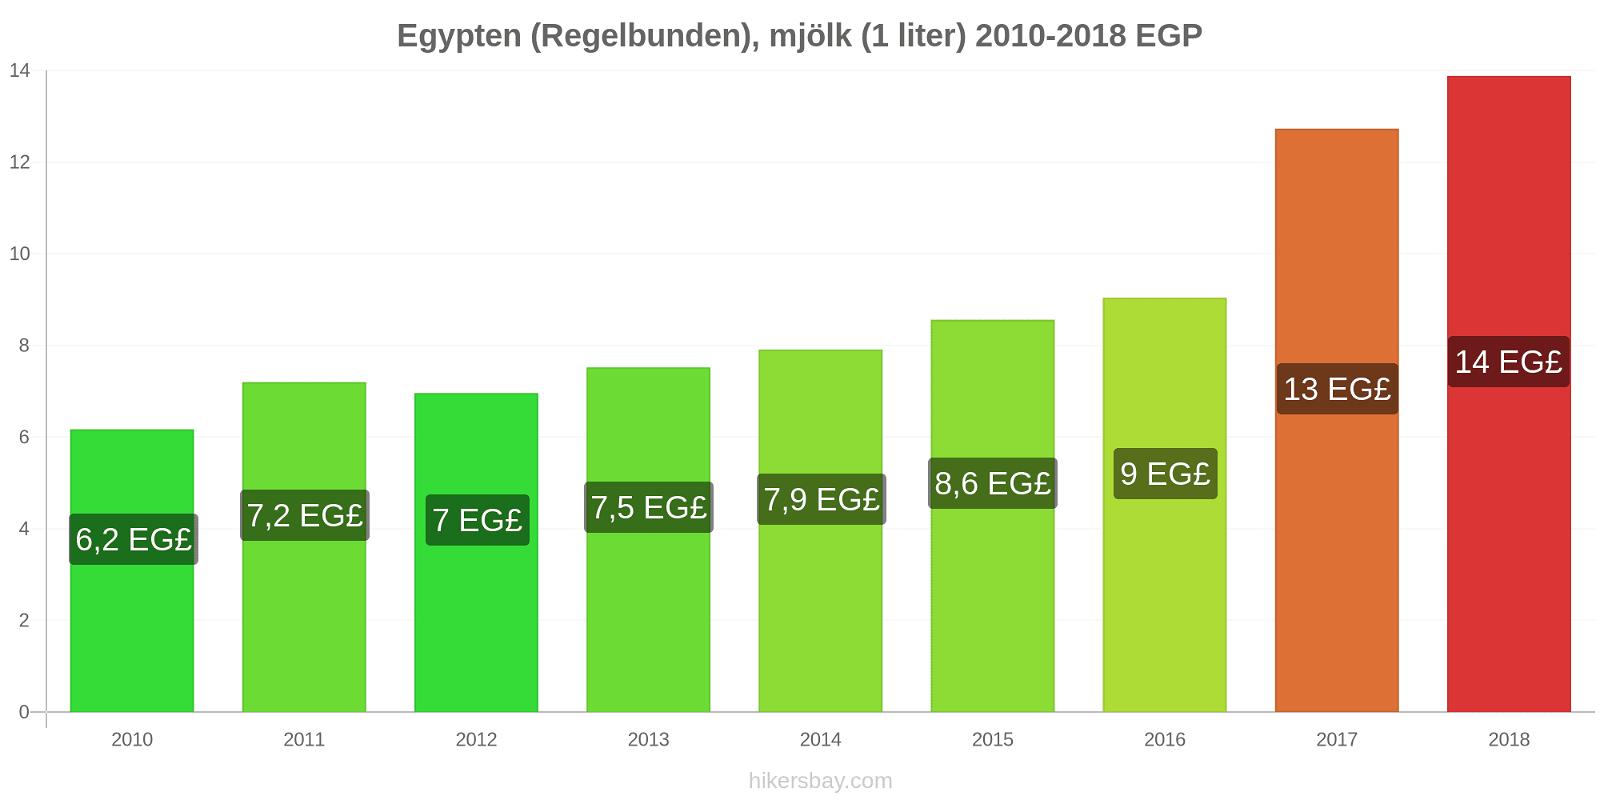 Egypten prisförändringar (Regelbunden), mjölk (1 liter) hikersbay.com